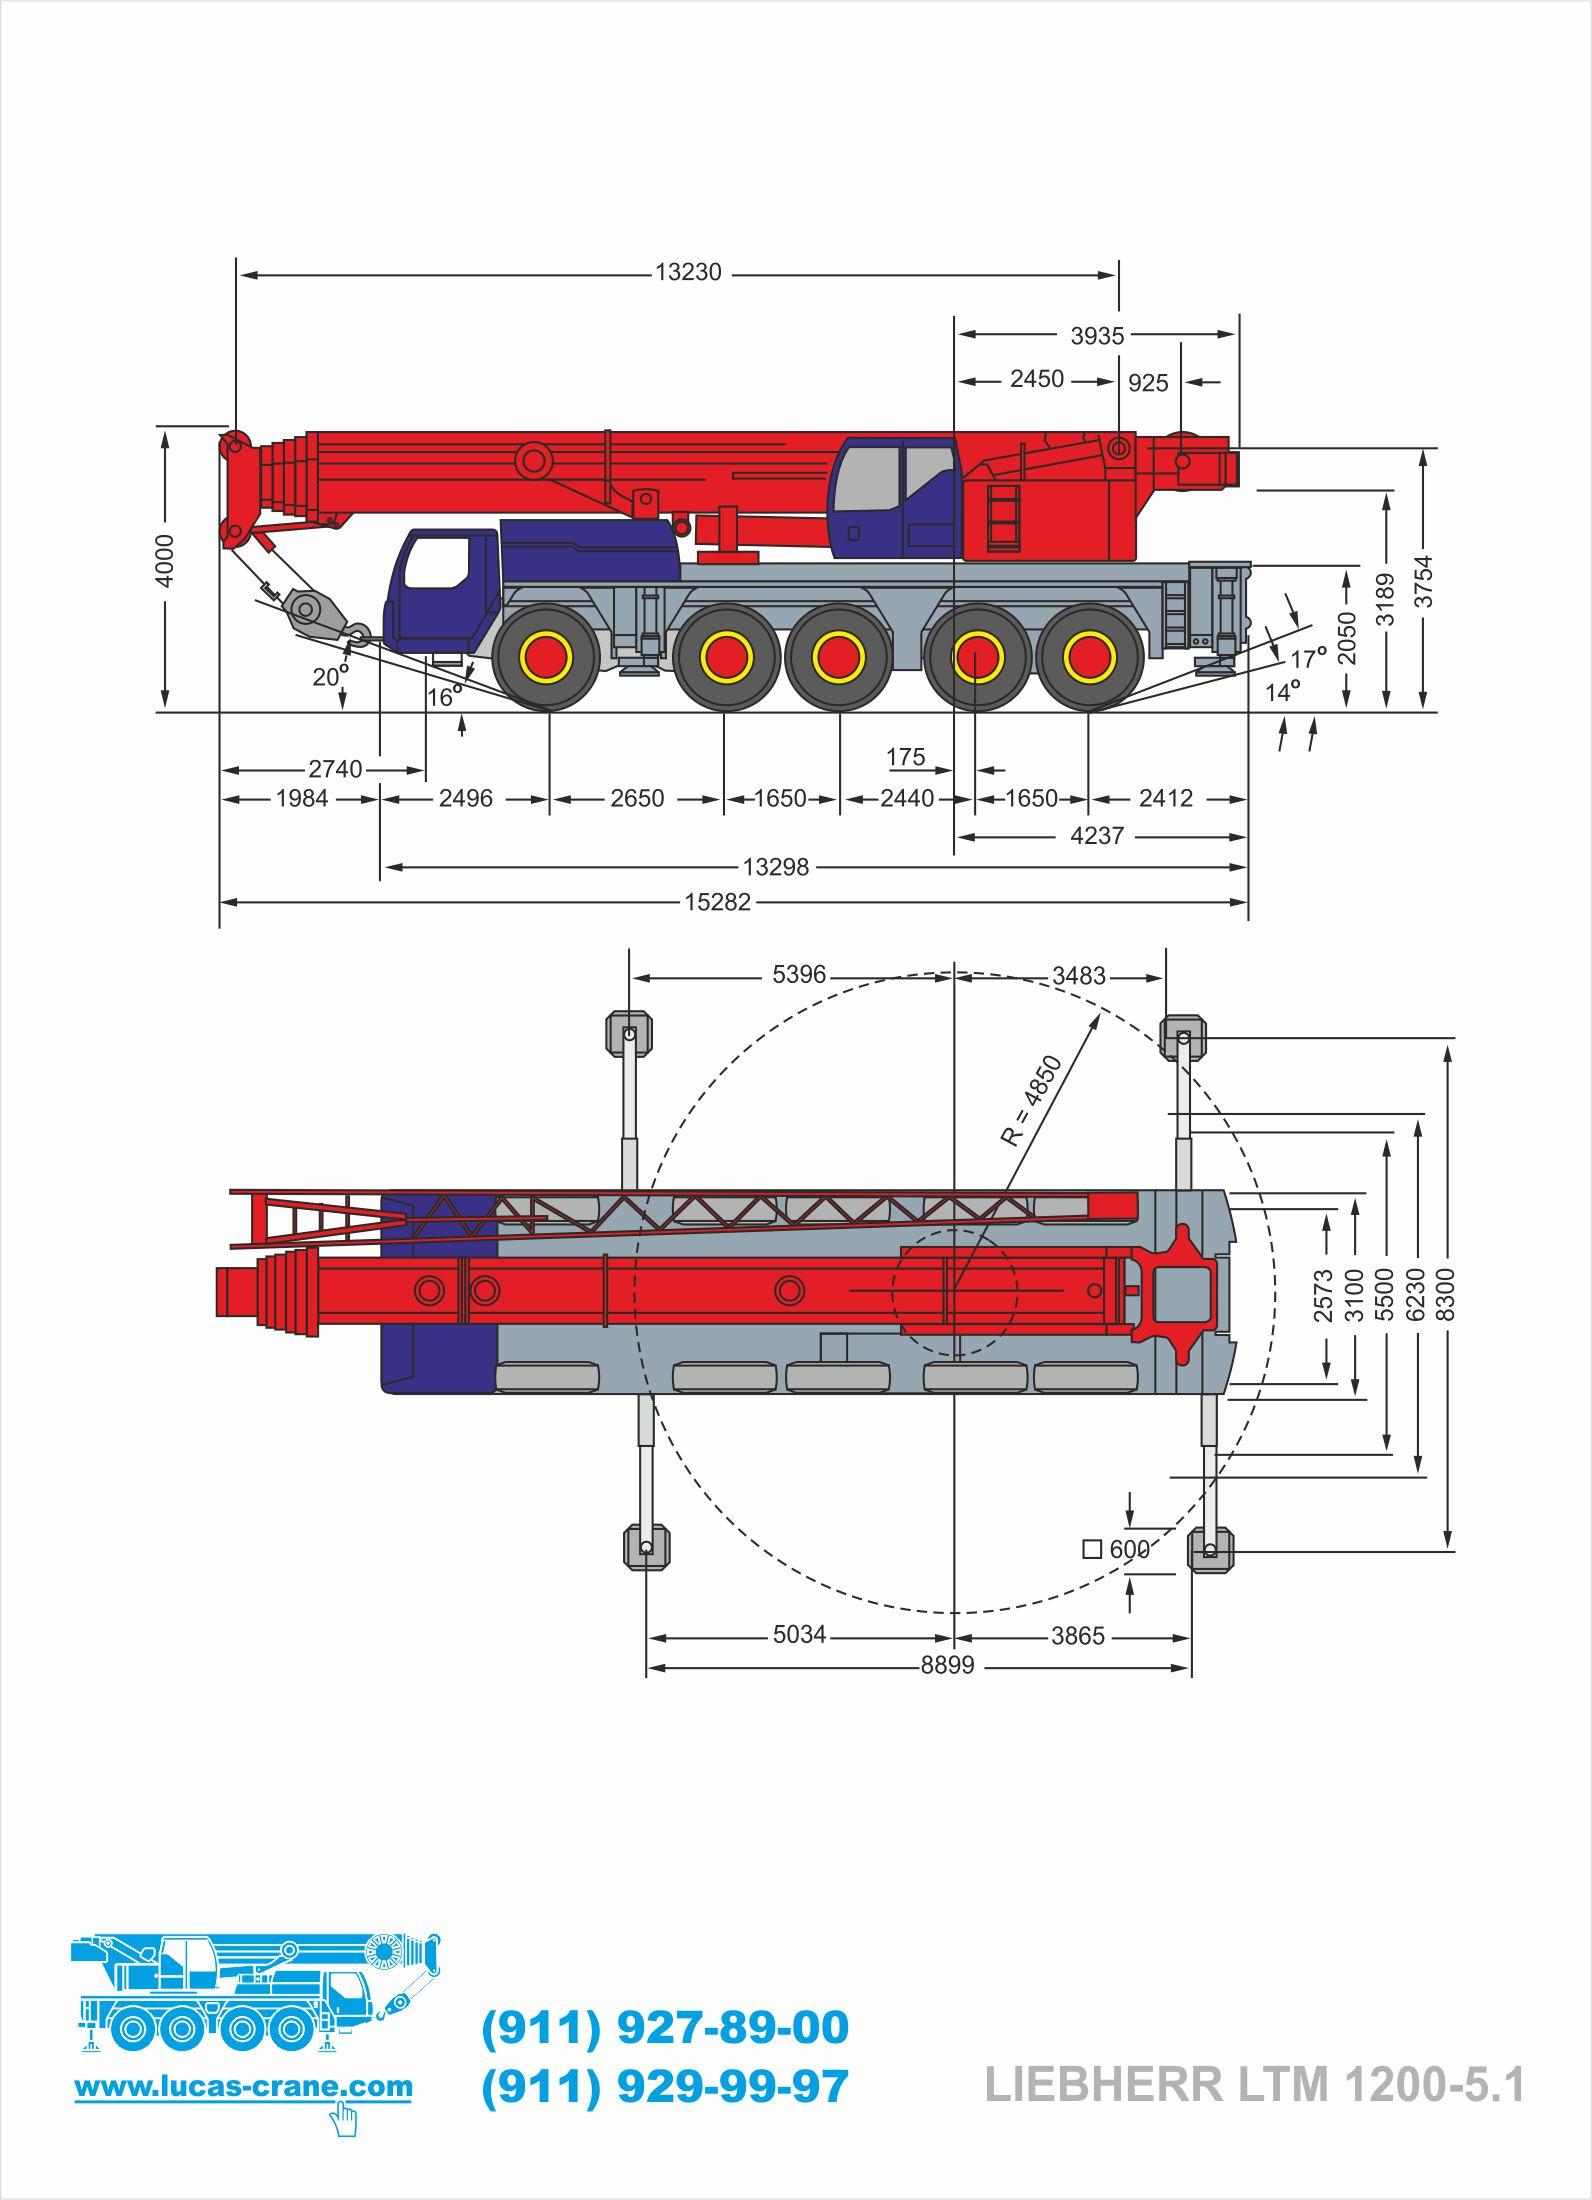 инструкция по эксплуатации крана liebherr ltm 1070 4 1